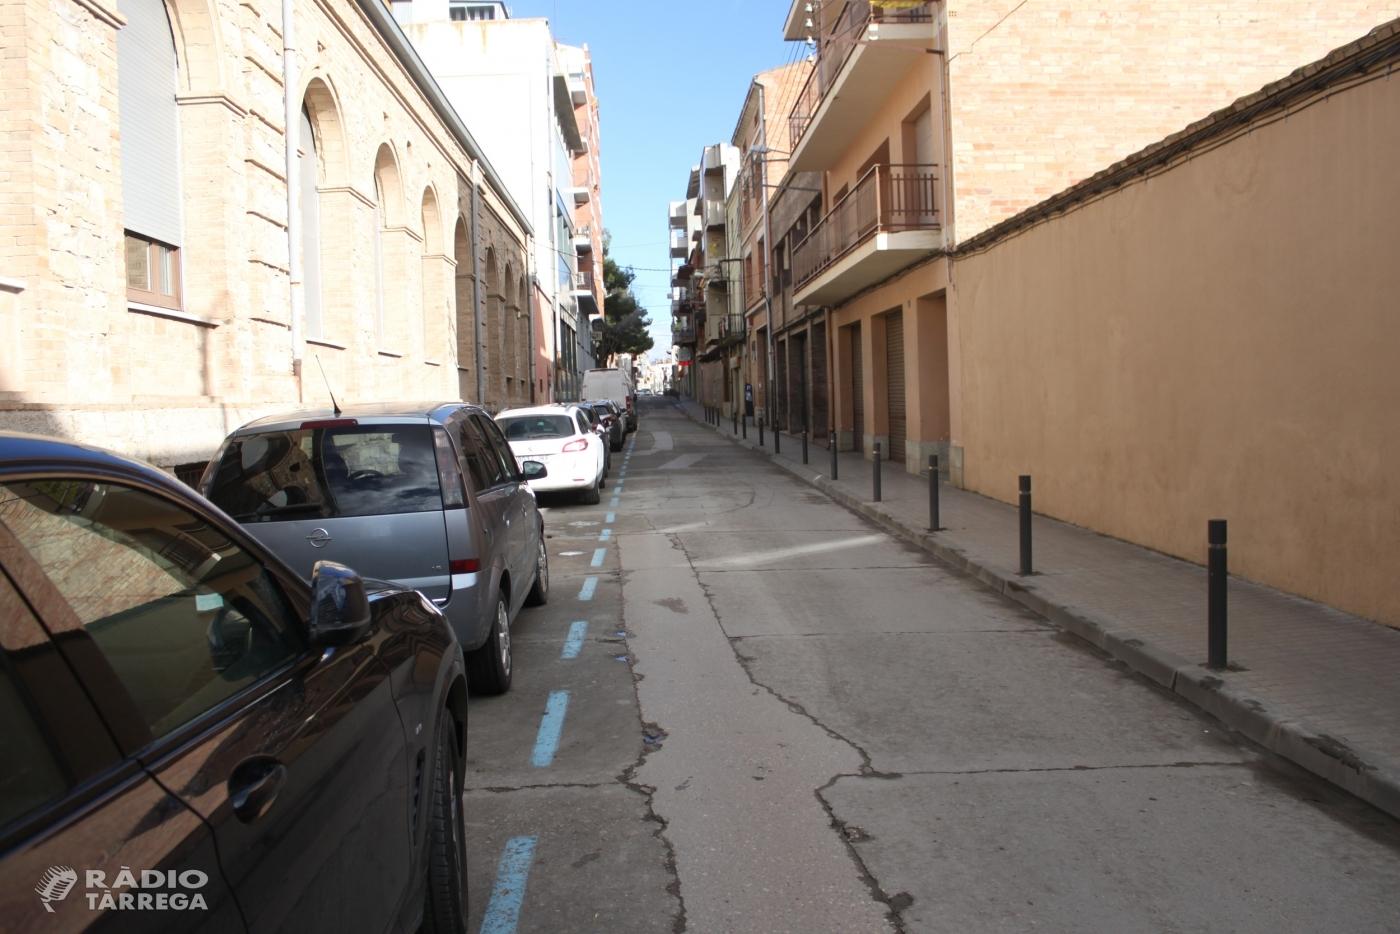 L'Ajuntament de Tàrrega adjudica les obres de renovació del carrer de Jacint Verdaguer, que s'iniciaran el mes vinent